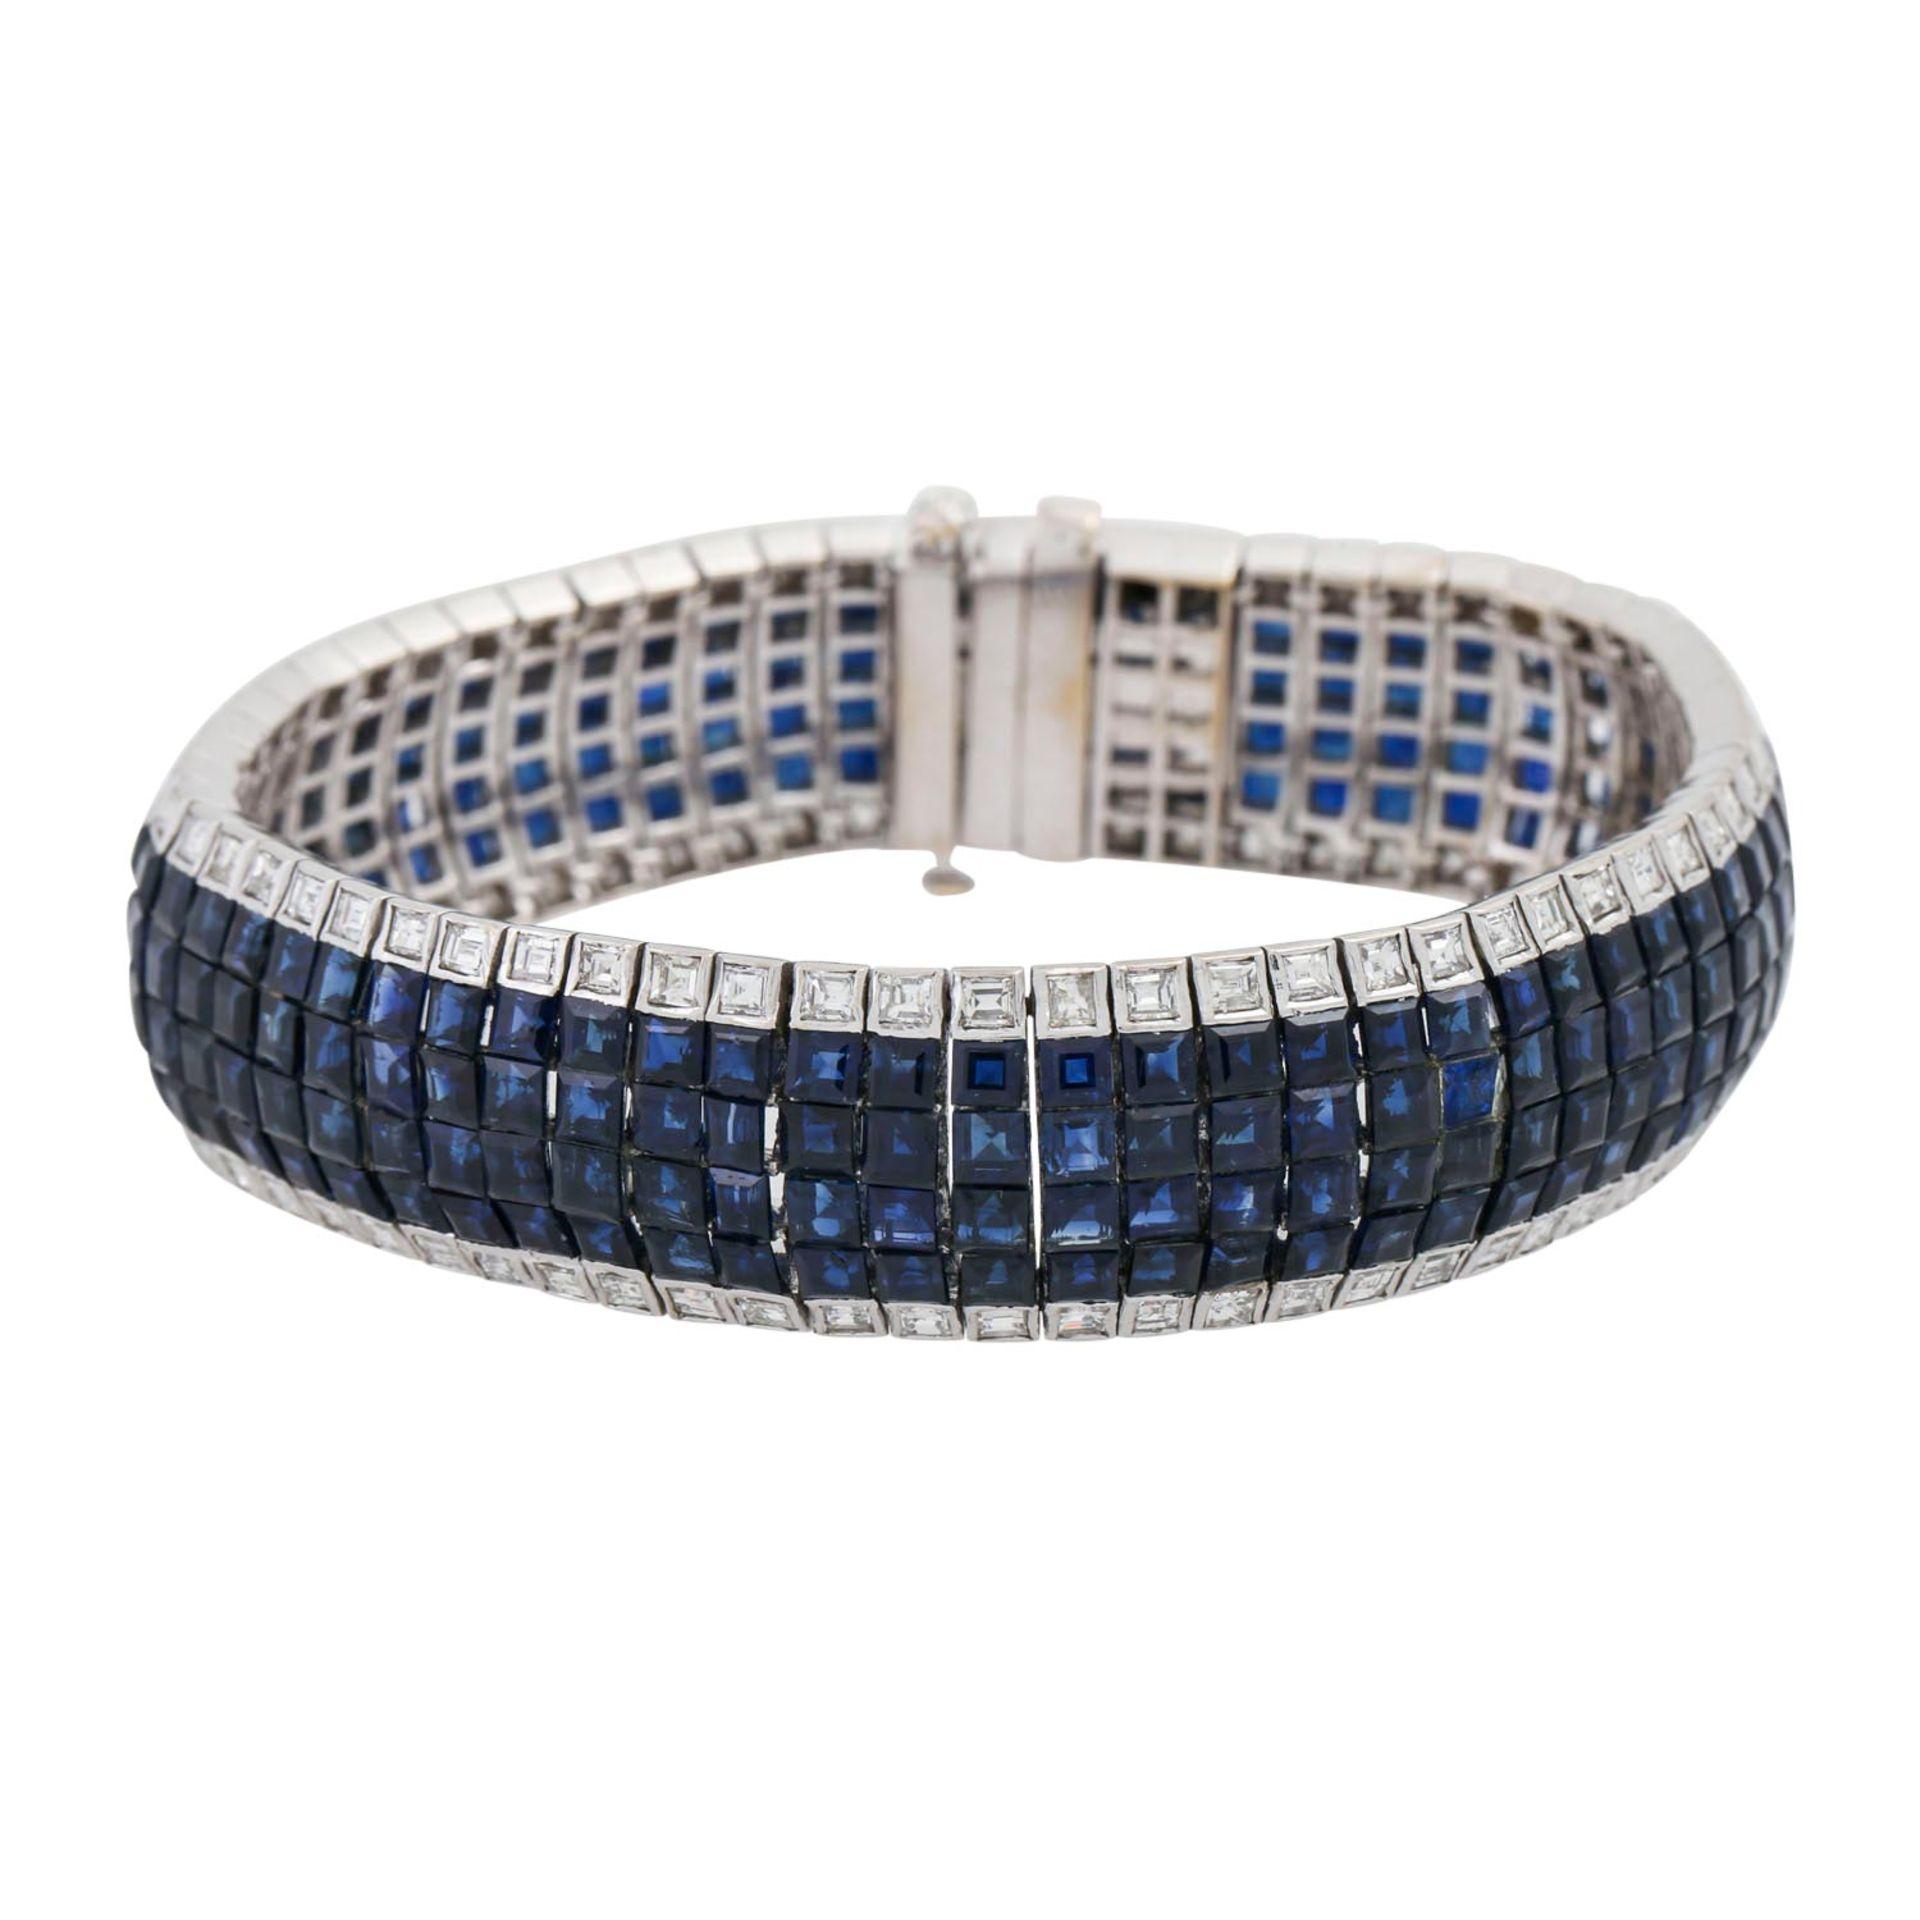 Armband mit Saphiren und Diamanten, im Baguetteschliff von zus. ca. 6 ct, mittlere bis